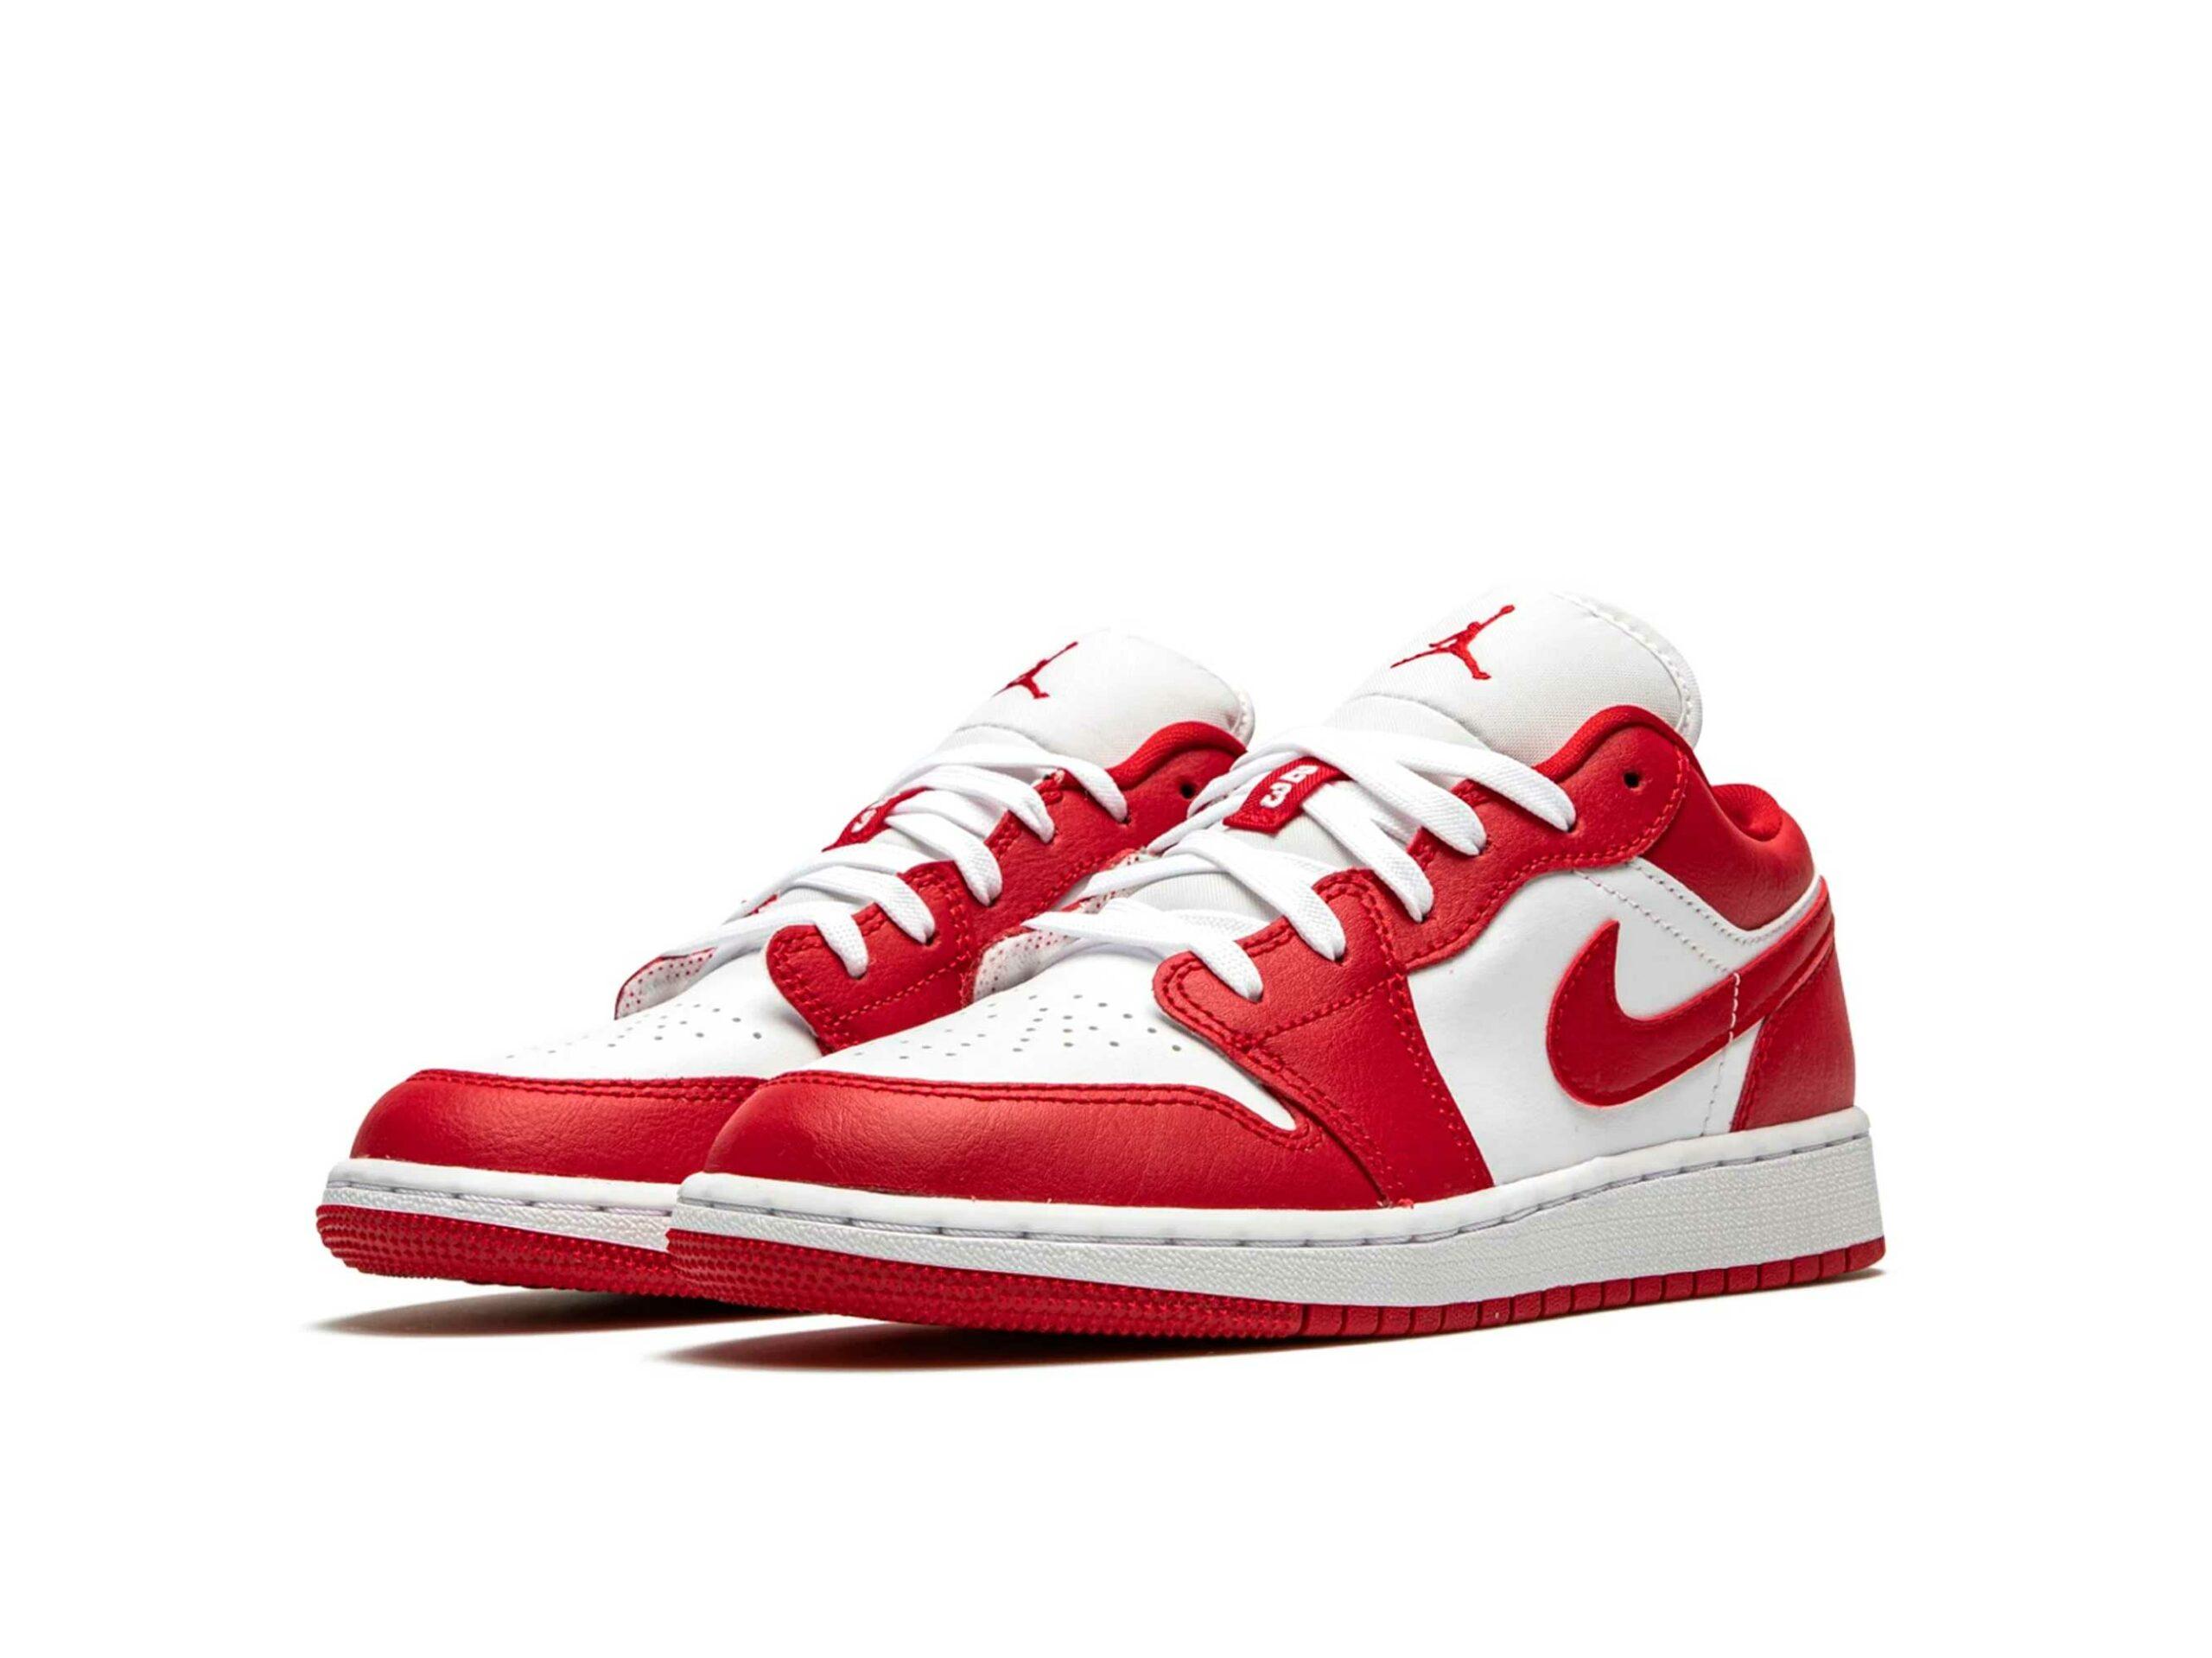 nike air jordan 1 low GS gym red white 553560_611 купить